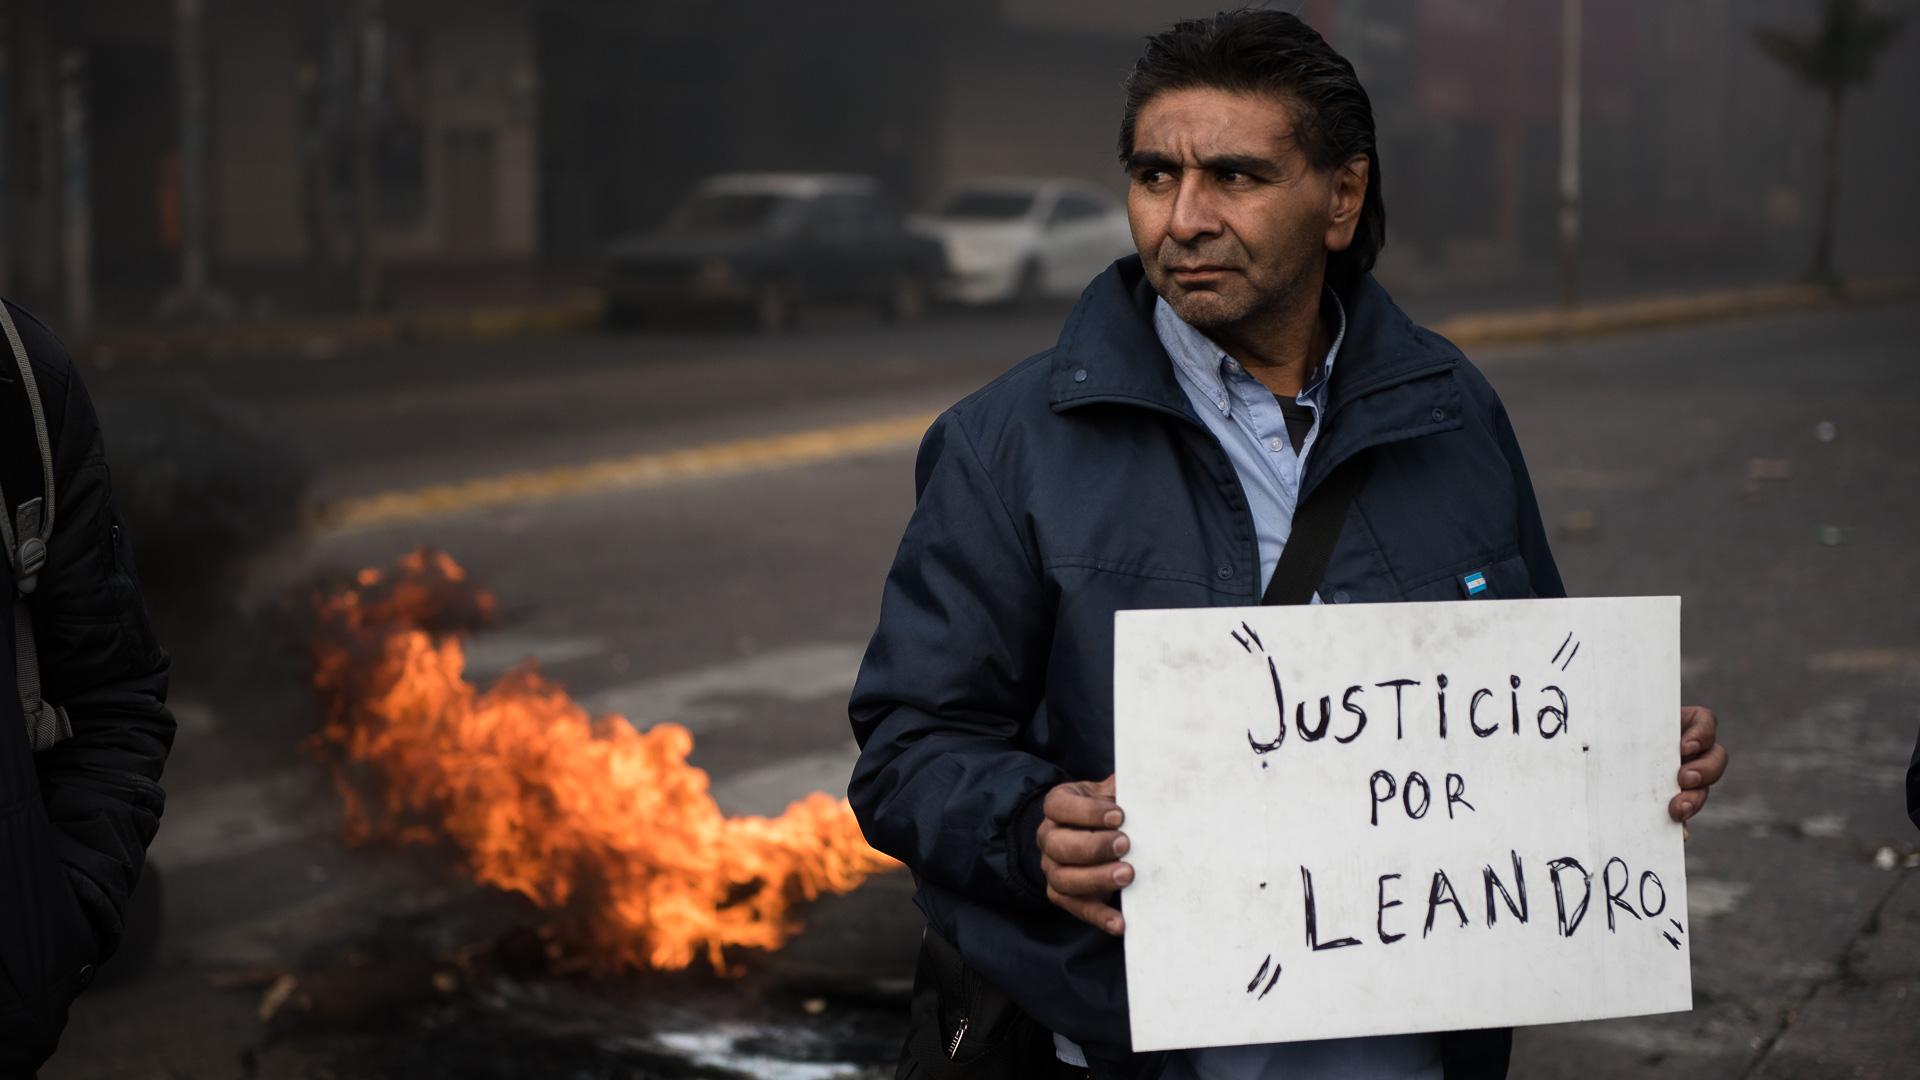 """Un colectivero sostiene un cartel con la leyenda """"Justicia por Leandro"""" durante una protesta para pedir justicia por Leandro Alcaraz, asesinado de dos balazos en Virrey del Pino (Adrián Escandar)"""